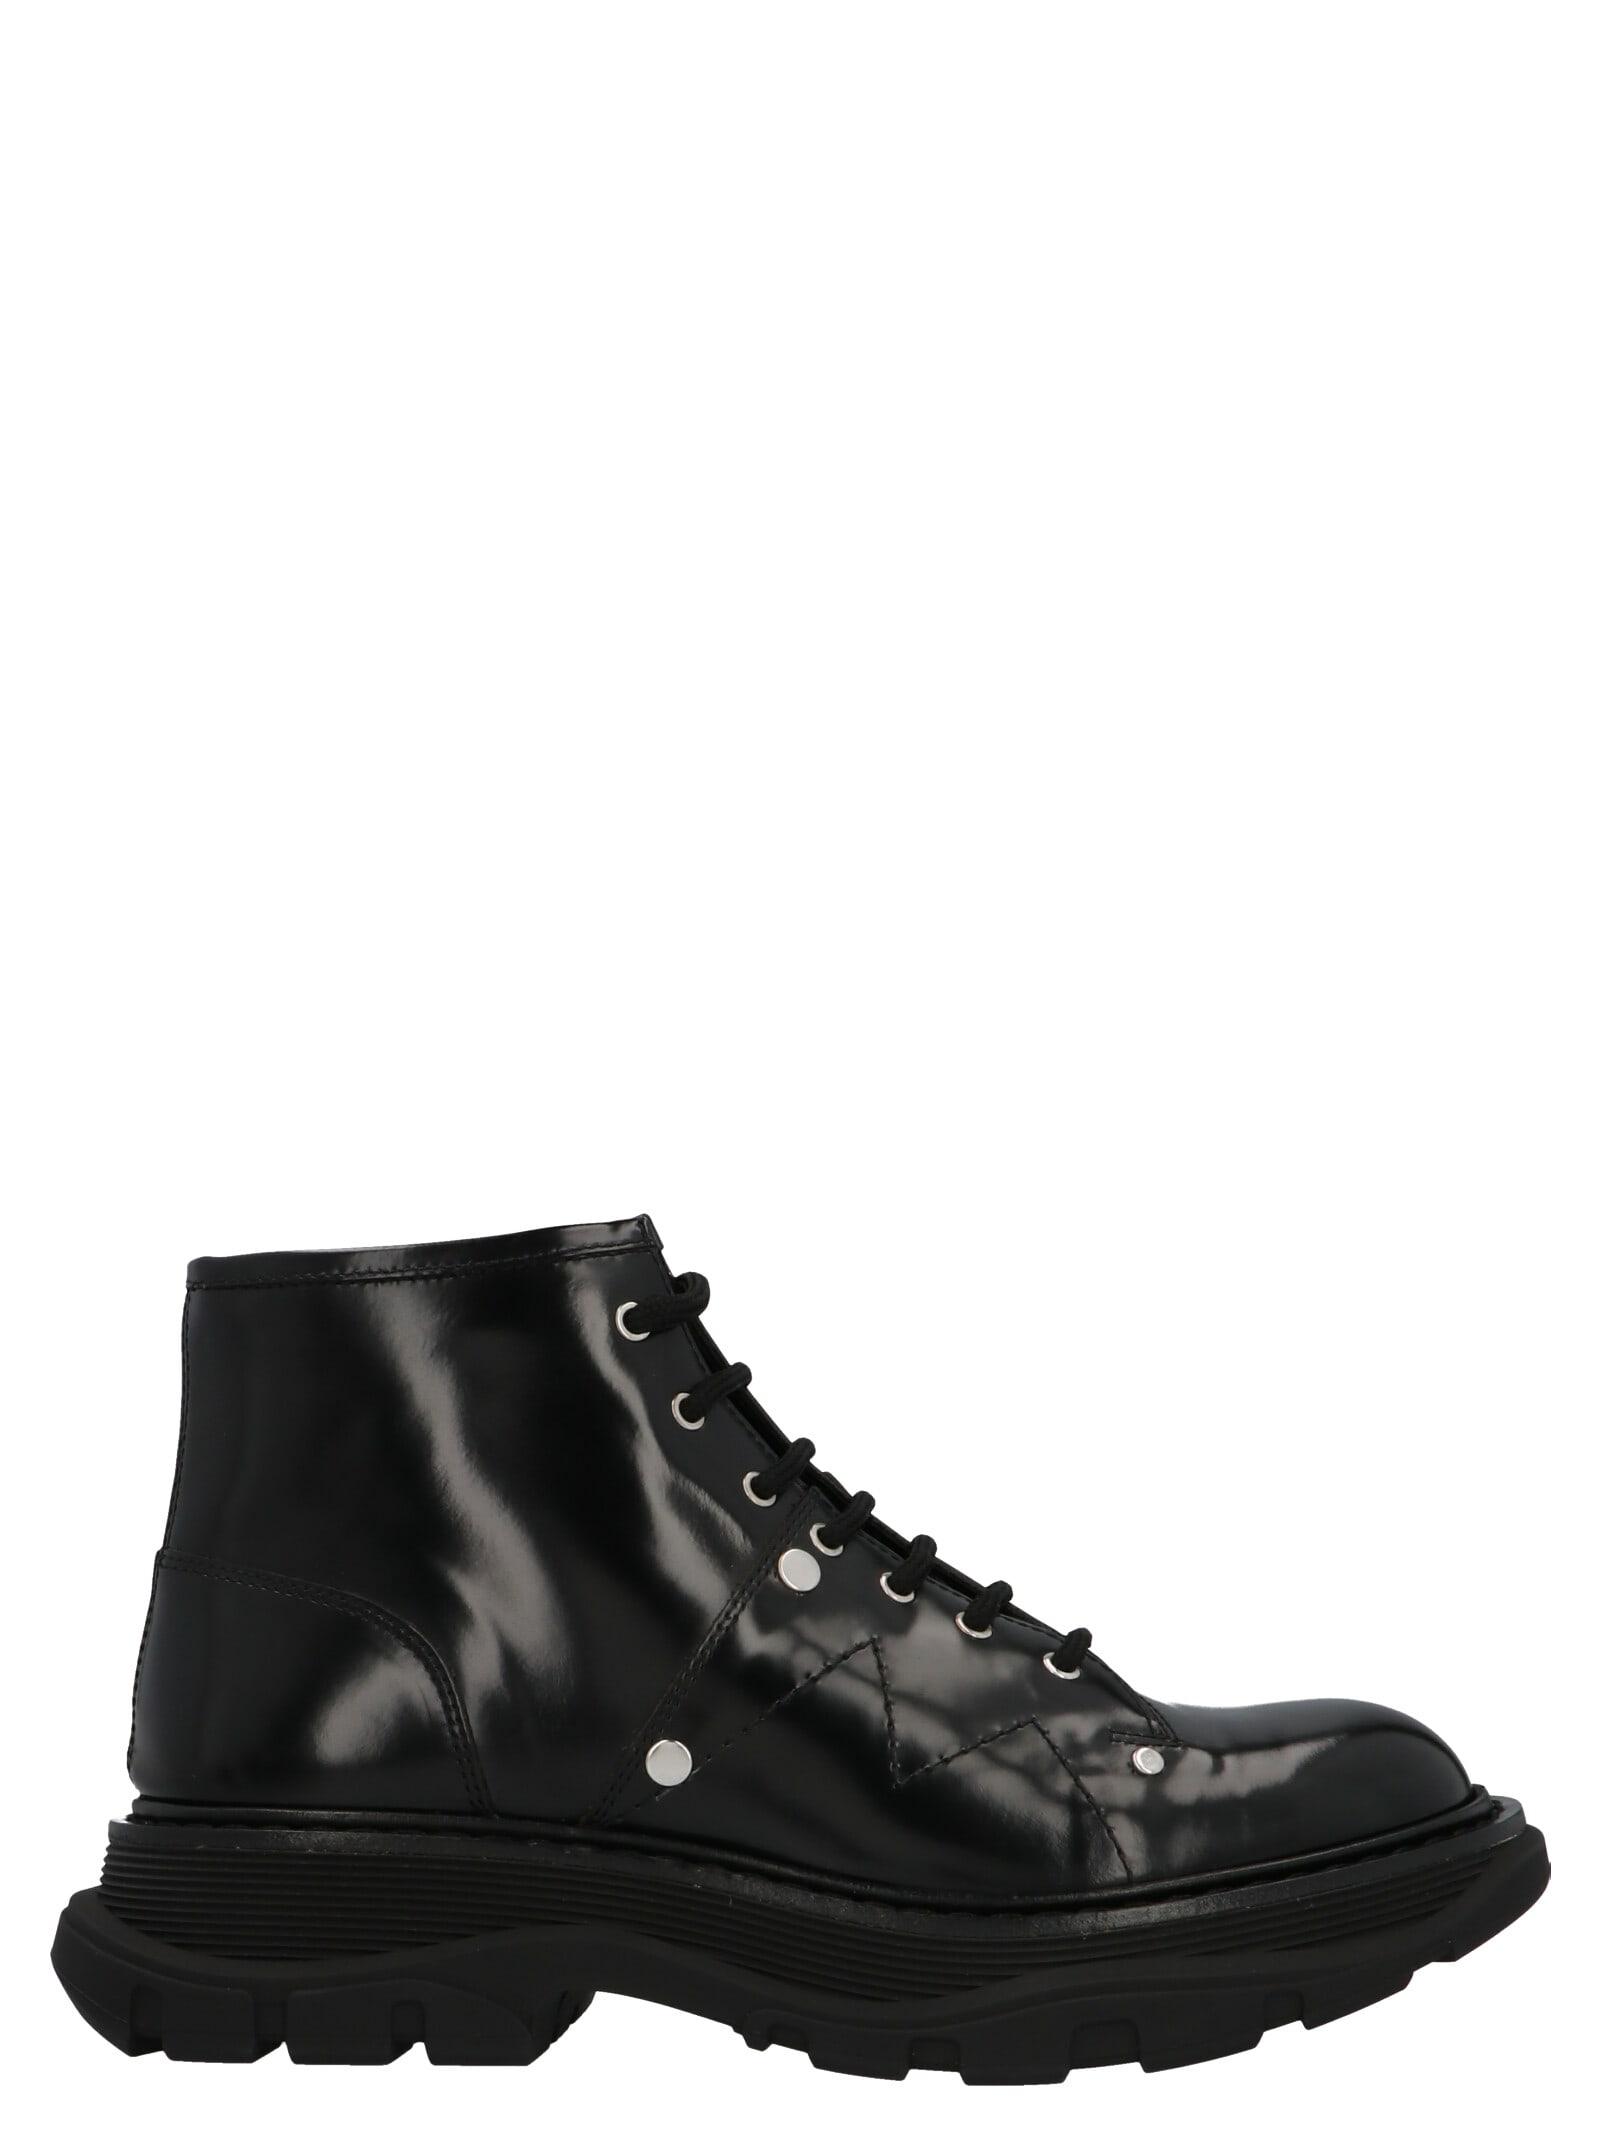 Alexander Mcqueen tread Shoes